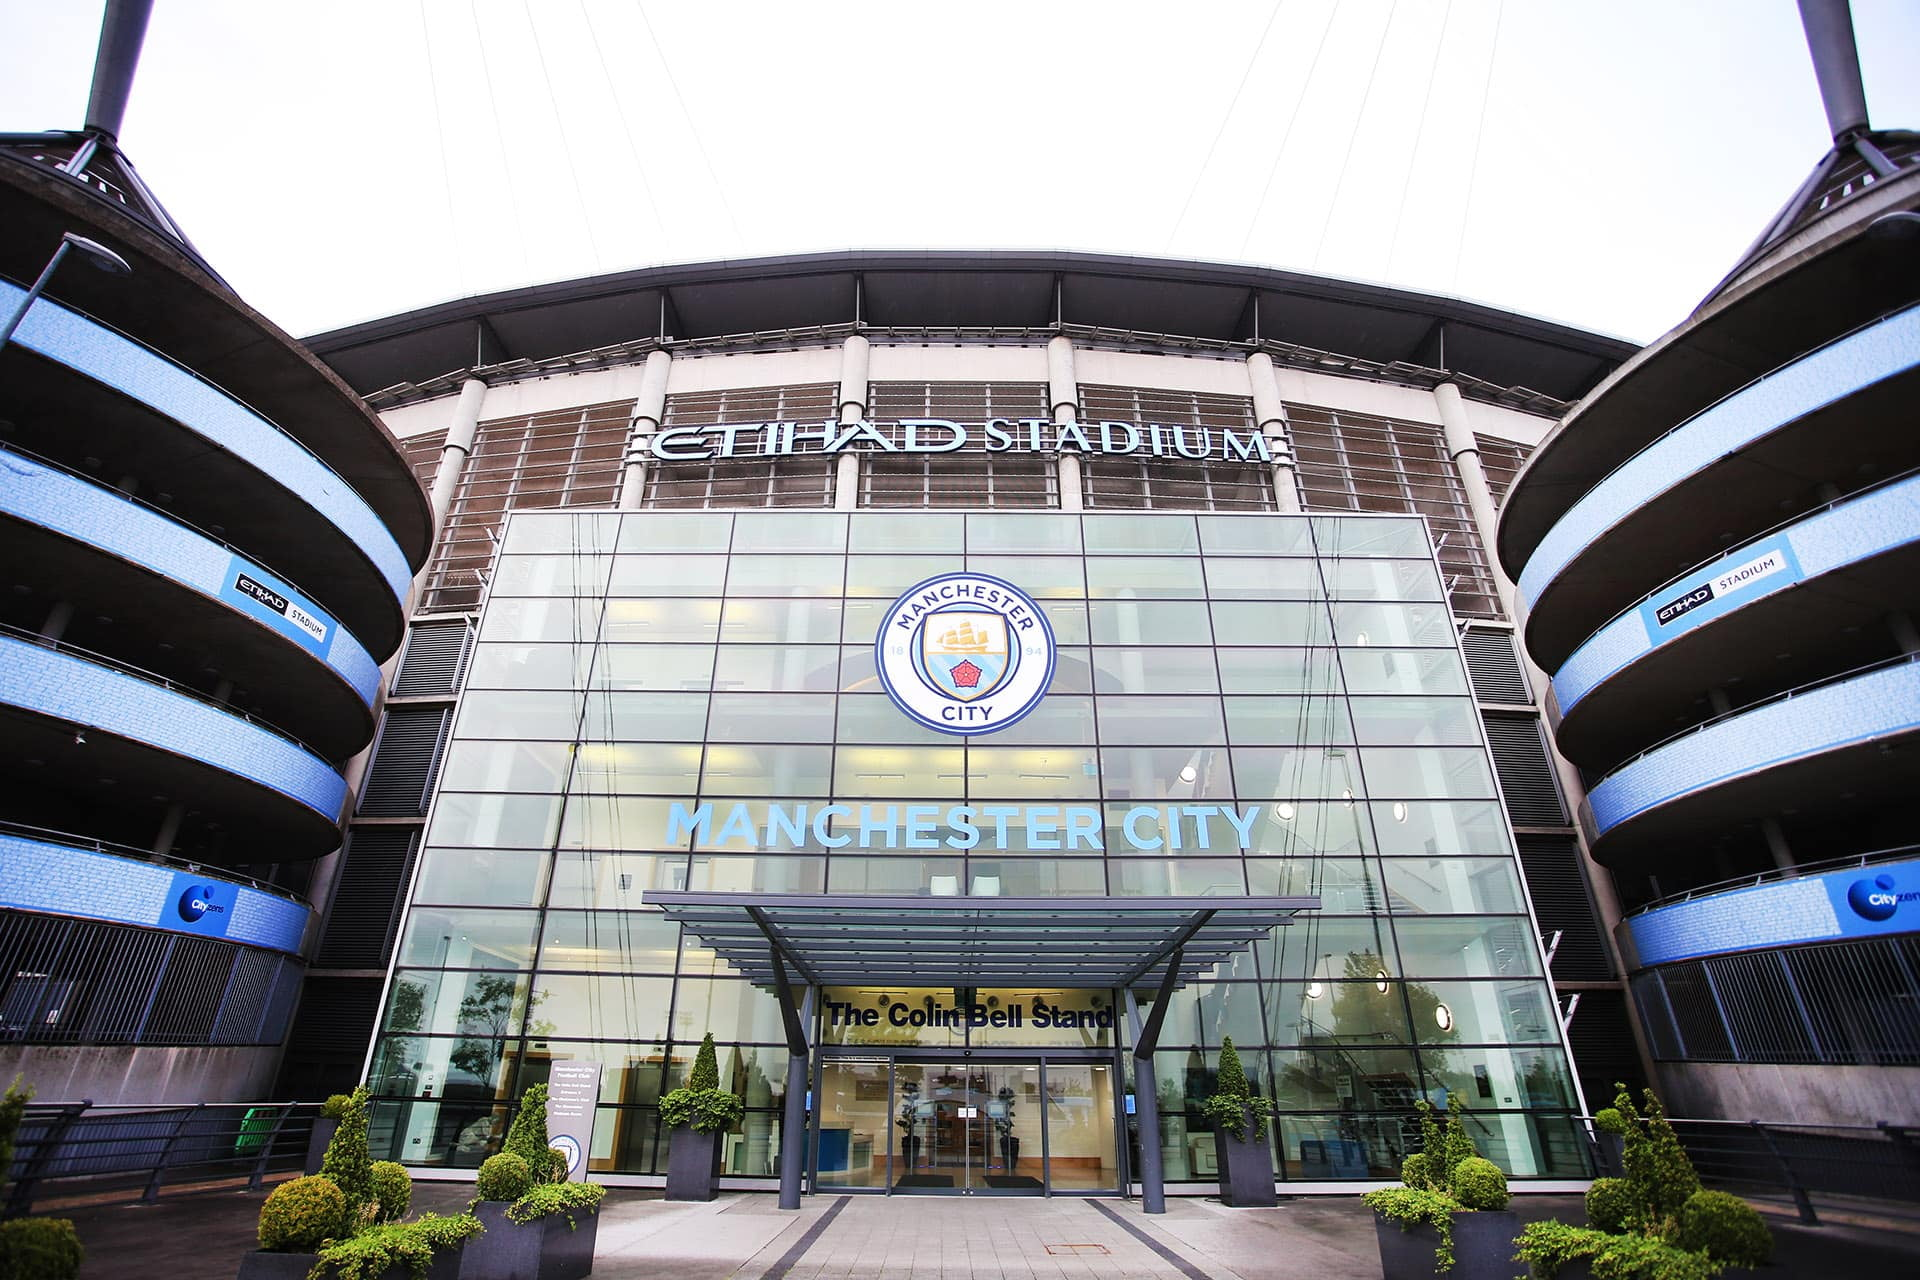 Manchester City - Burnley FC, 6 maartom 15:00